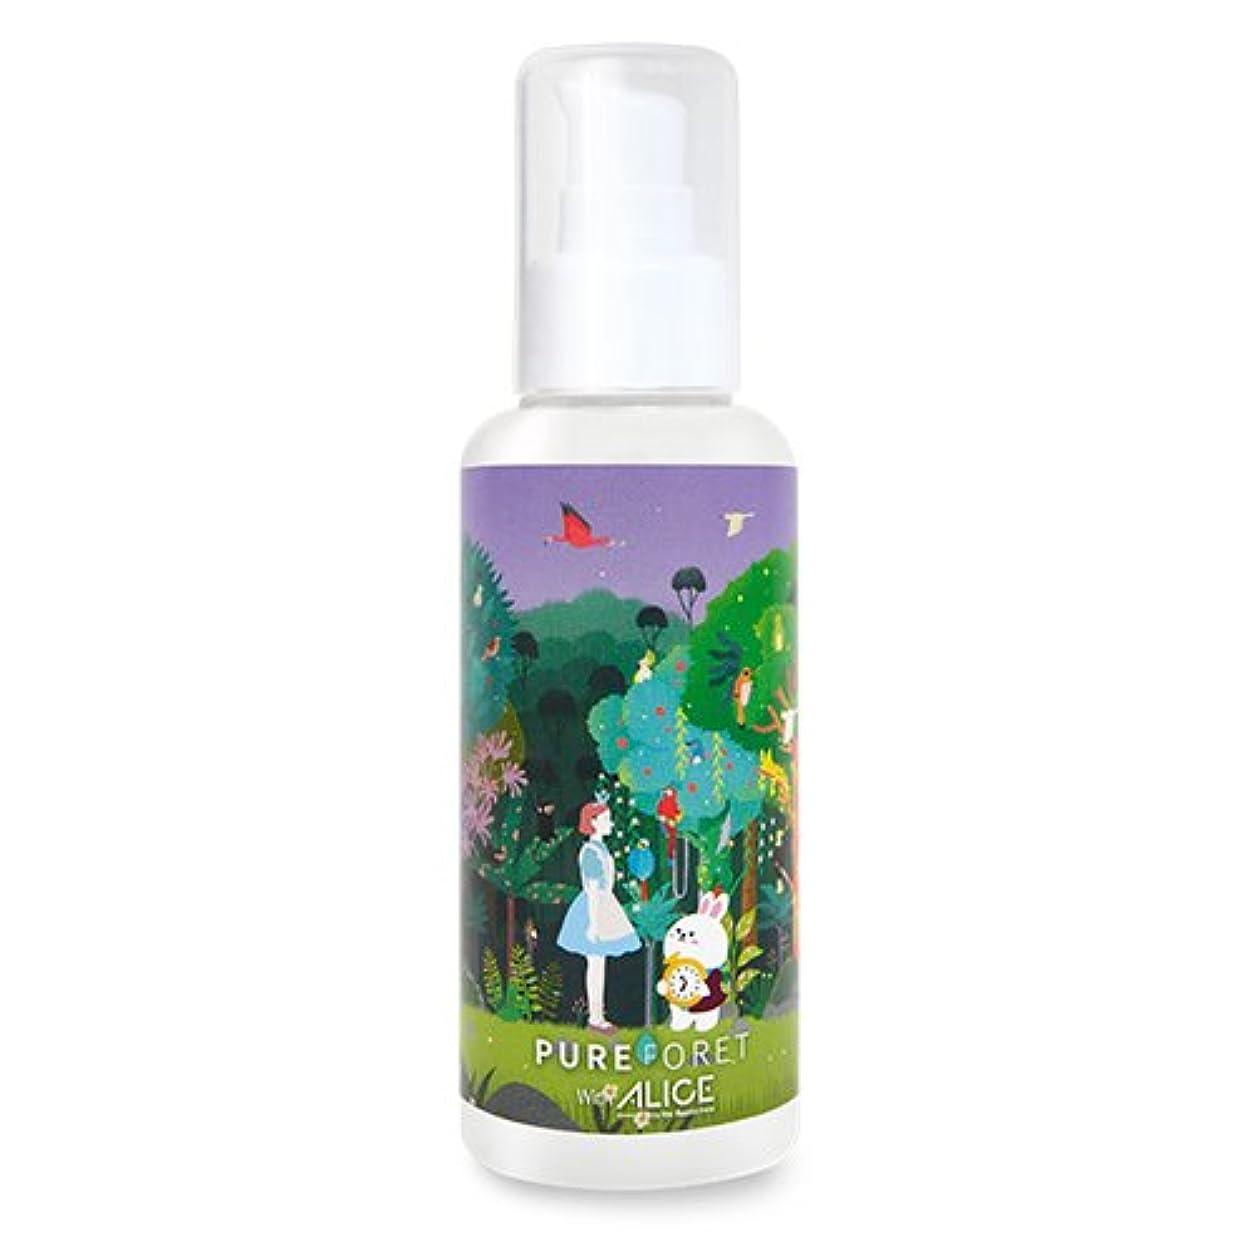 化学薬品クリップポット韓国産 Pureforet x Alice スキンリペアラビット ハイドレーティング 乳液. (150ml)